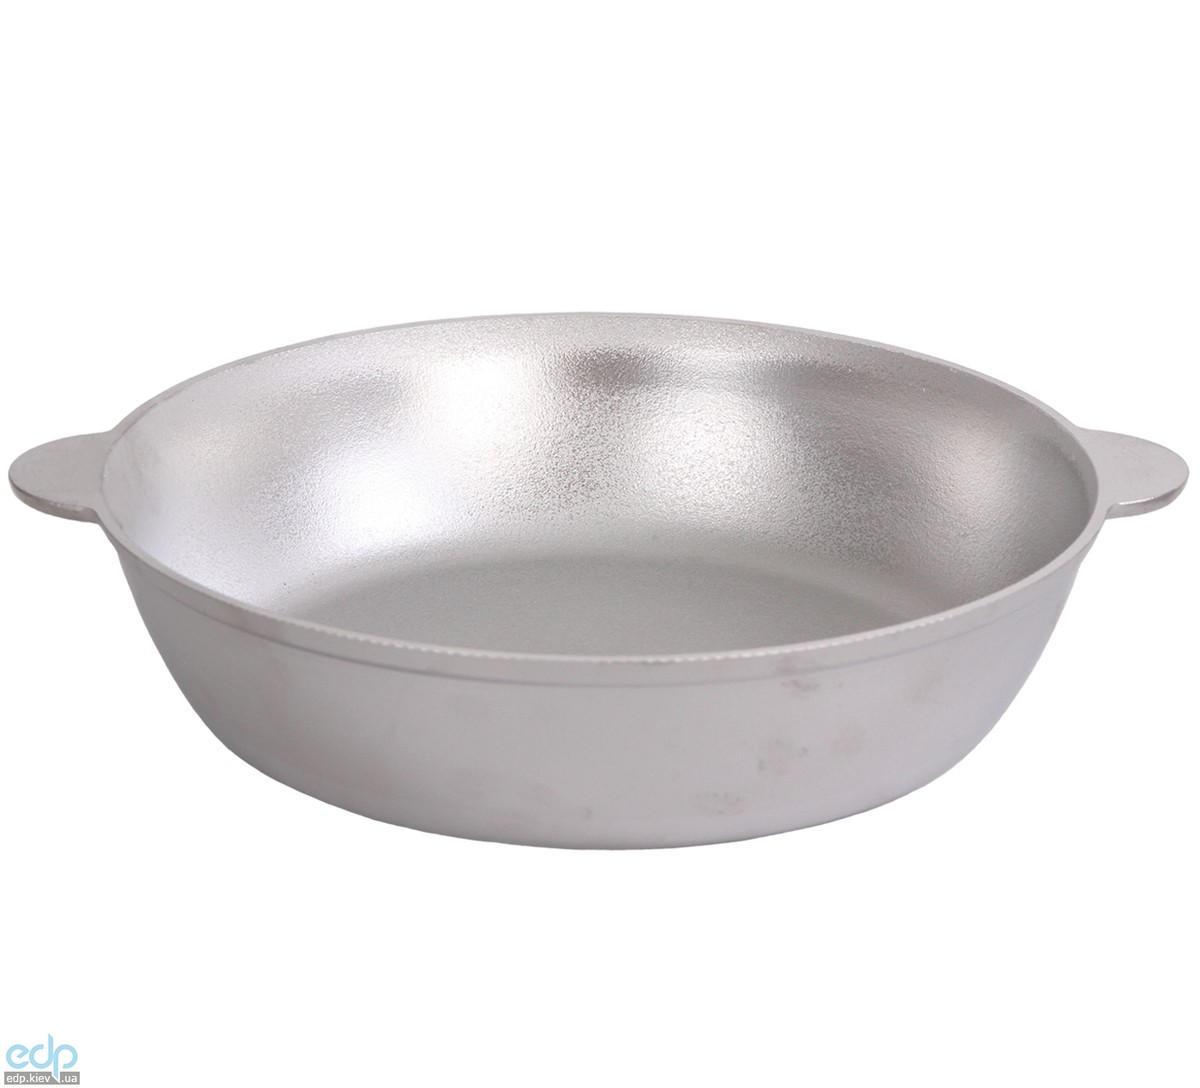 Биол - Сковорода алюминиевая без крышки и с ровным дном диаметр 30 см (С304)